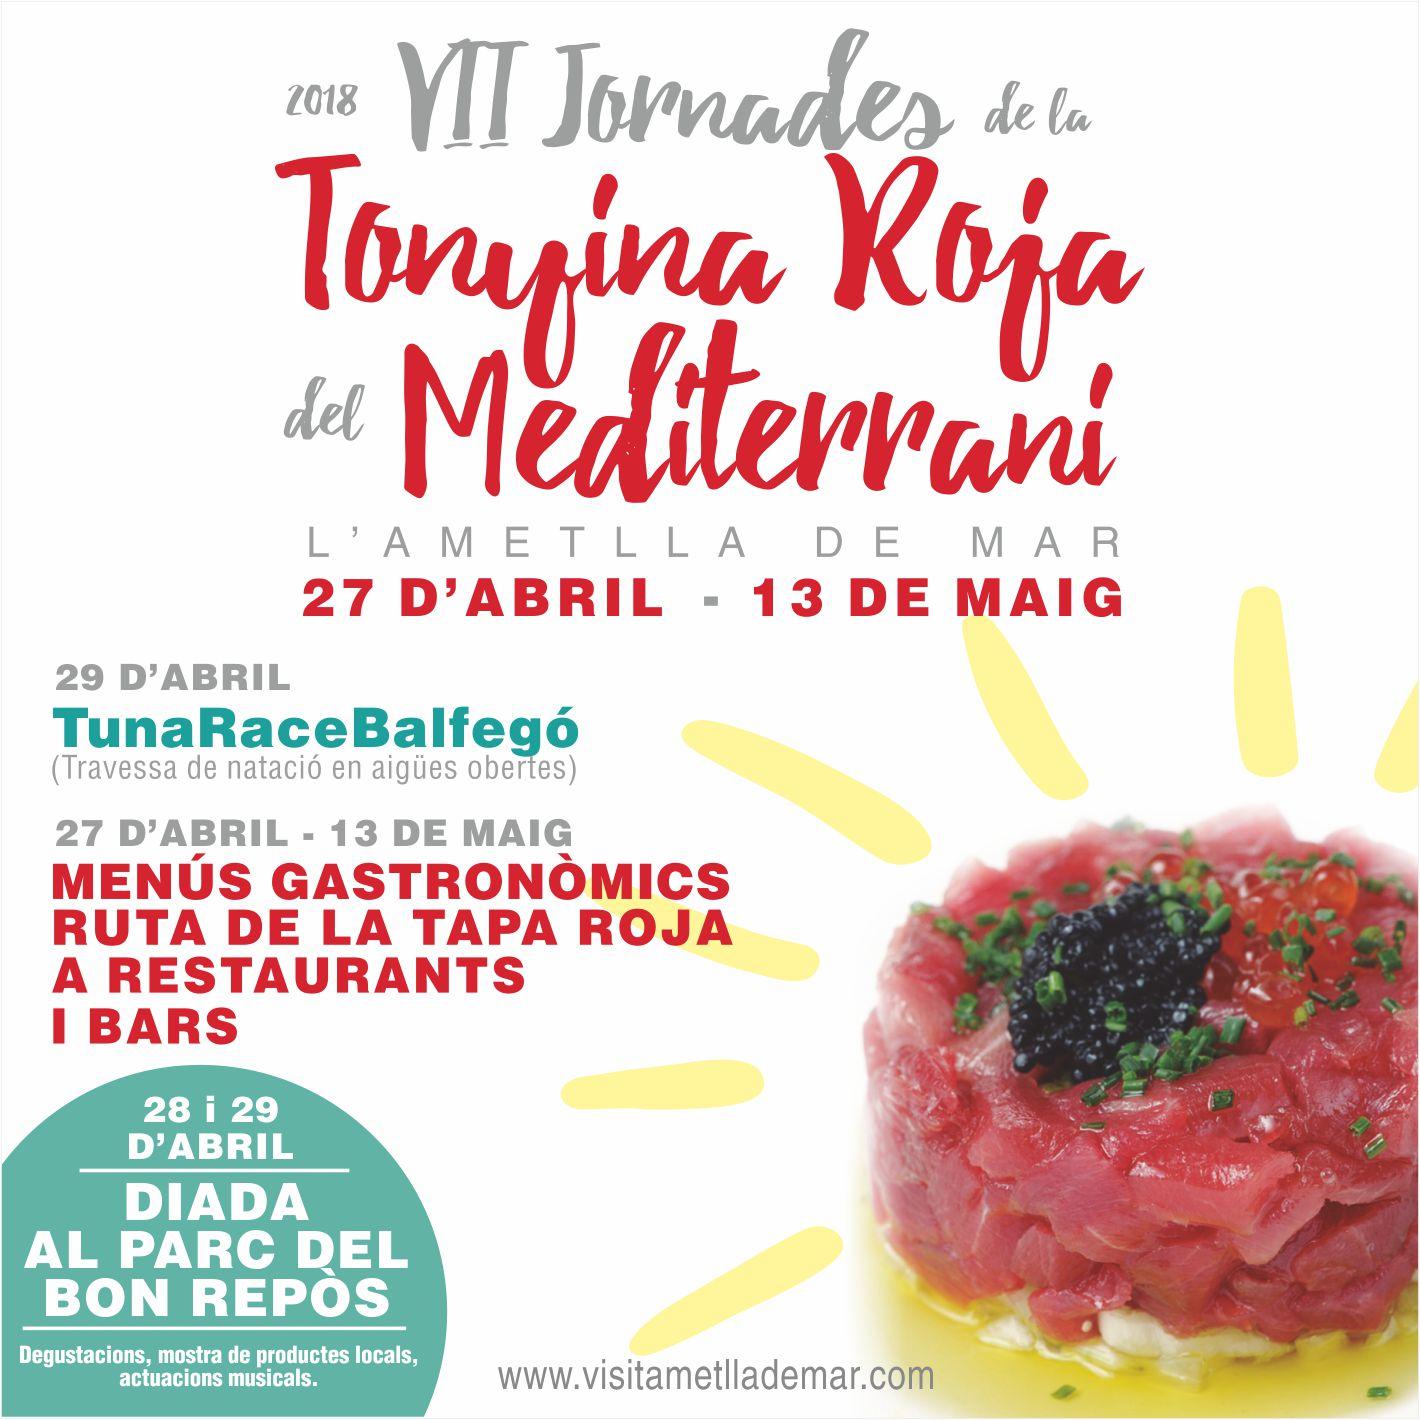 Jornades Gastronòmiques de la Tonyina Roja